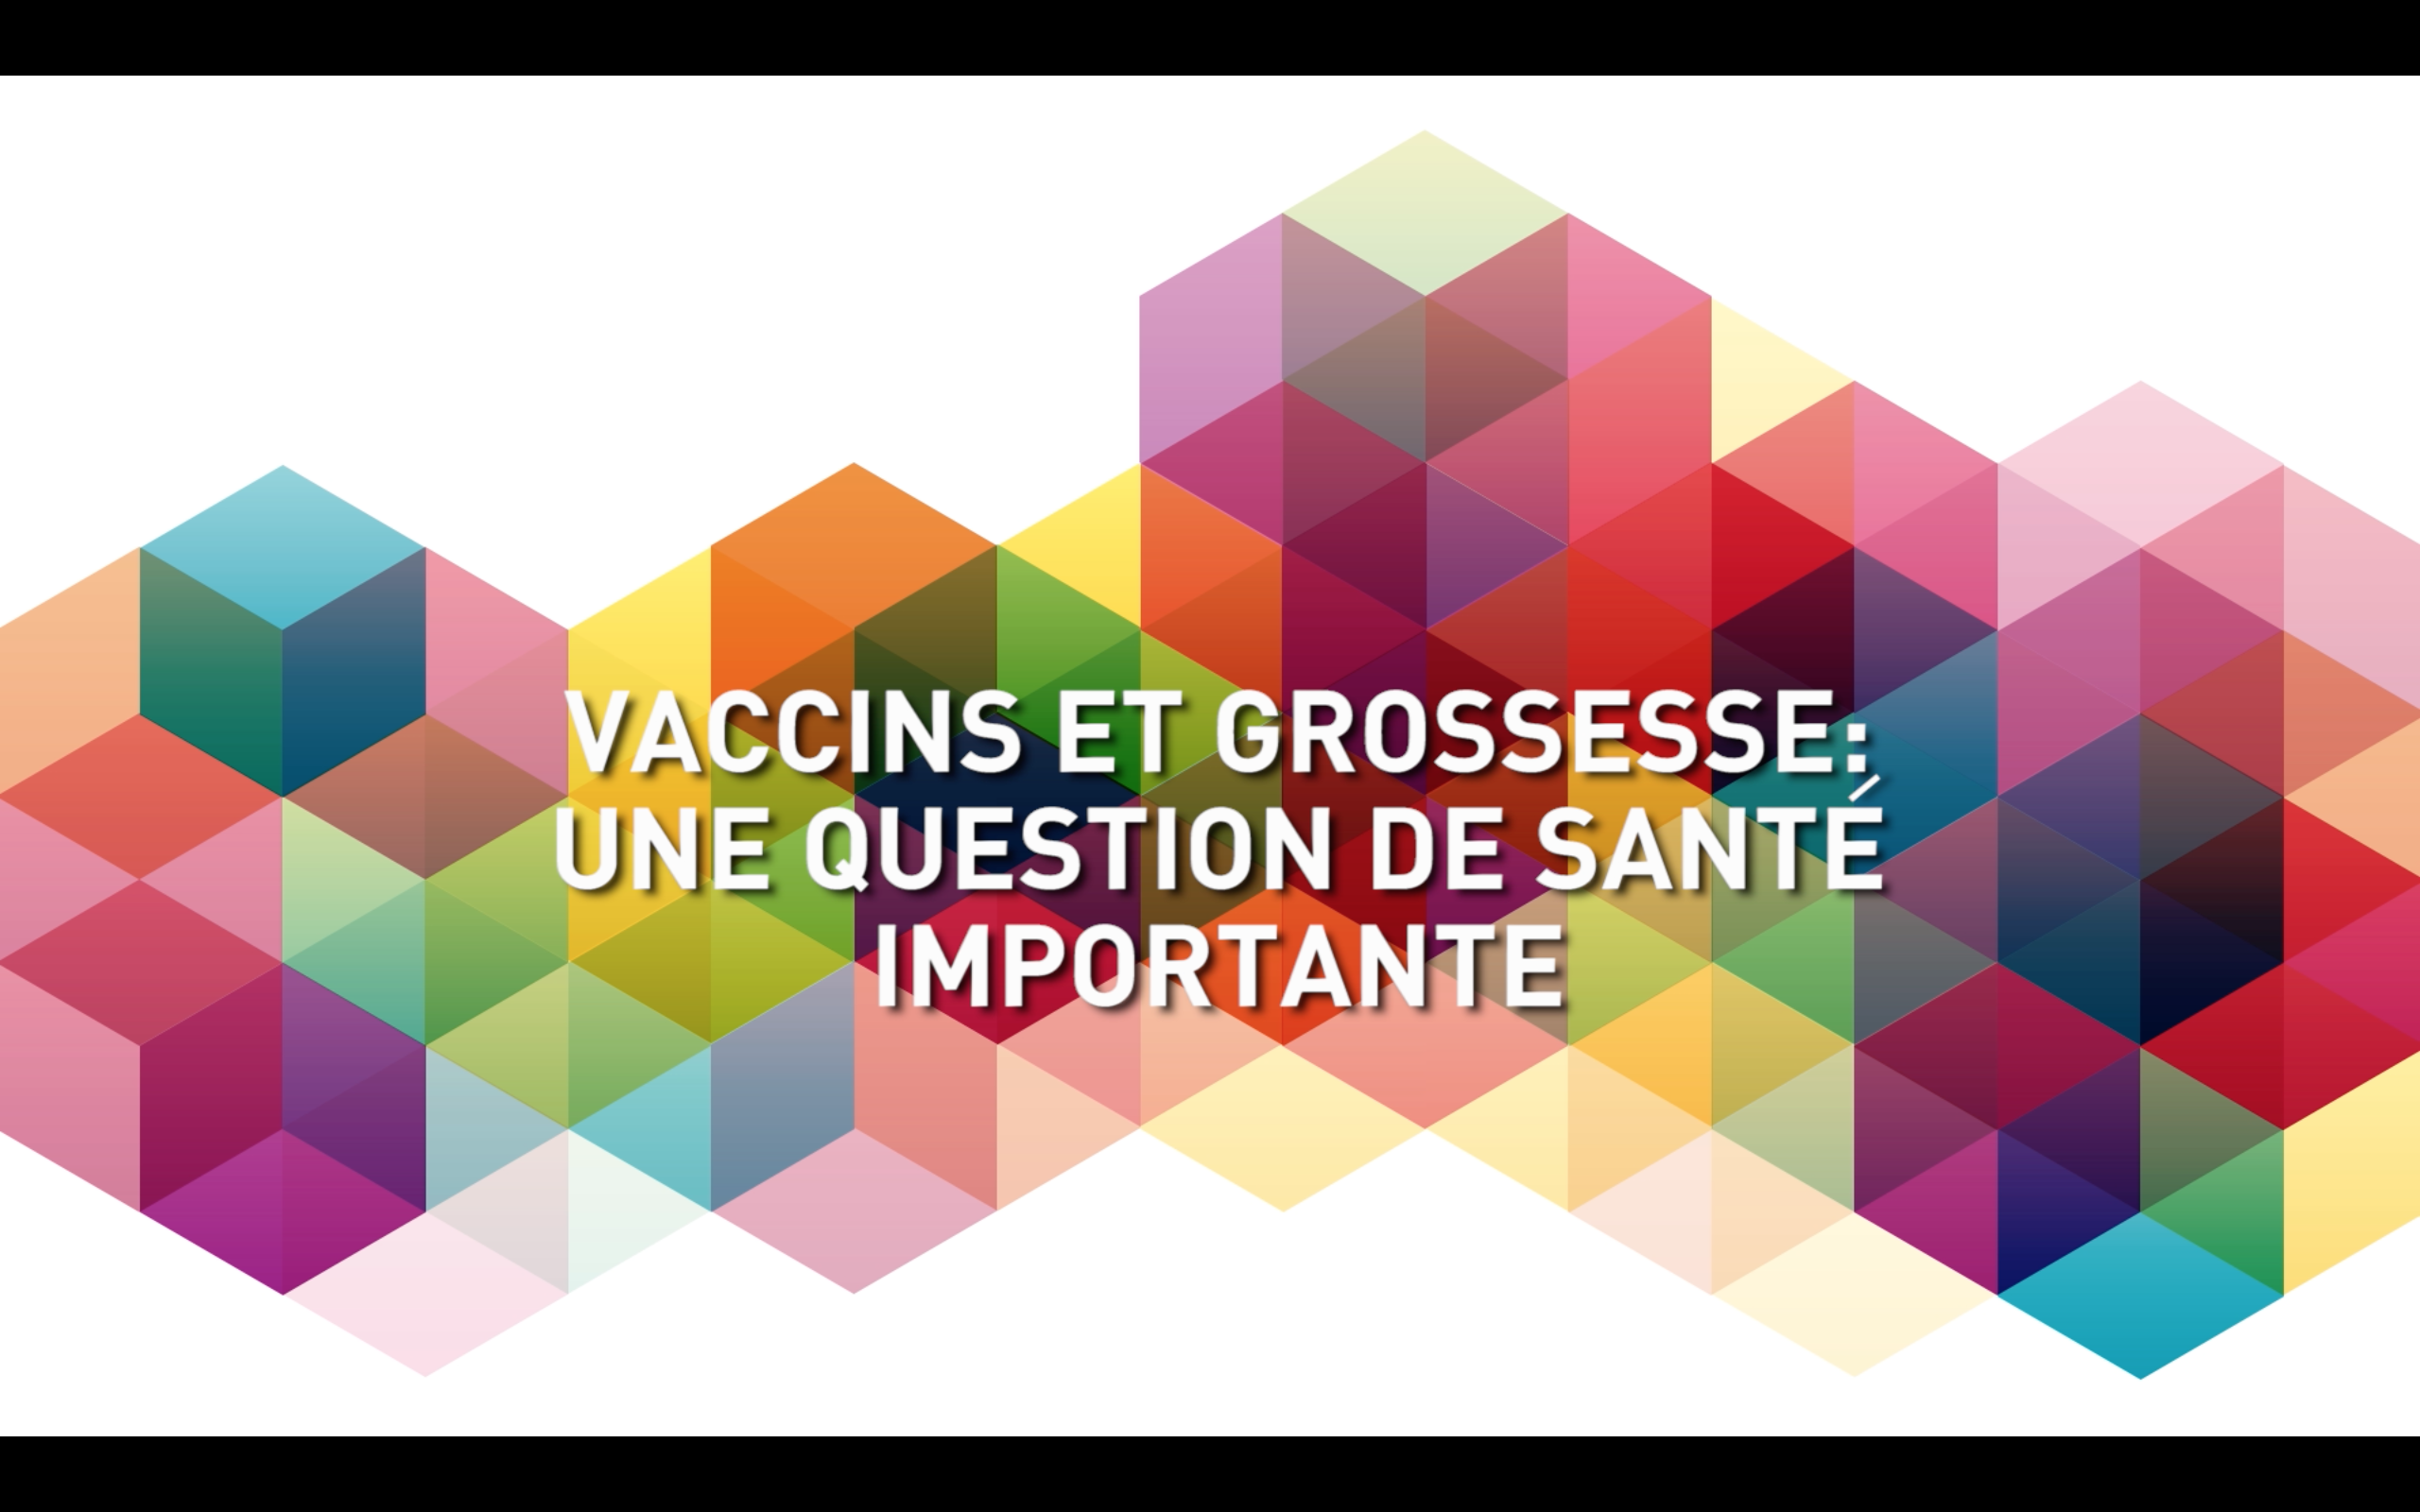 Vaccins et grosssesse : une question de santé importante